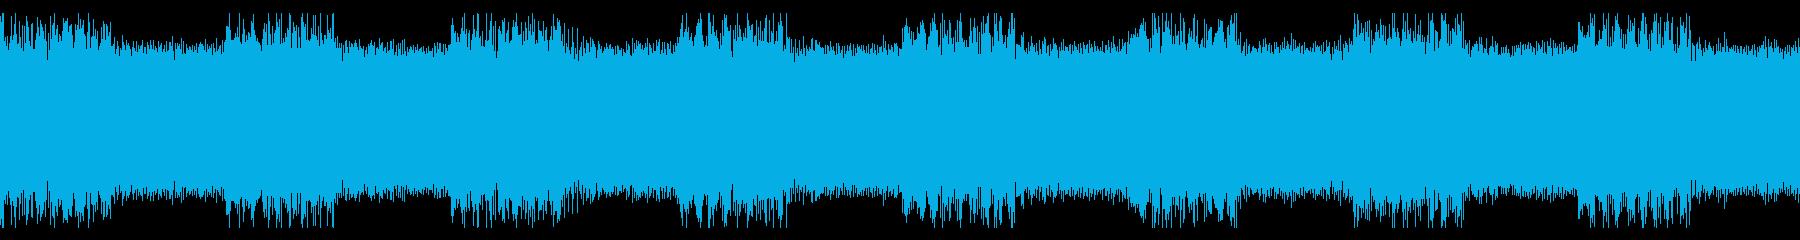 アラート音・エラー音の再生済みの波形